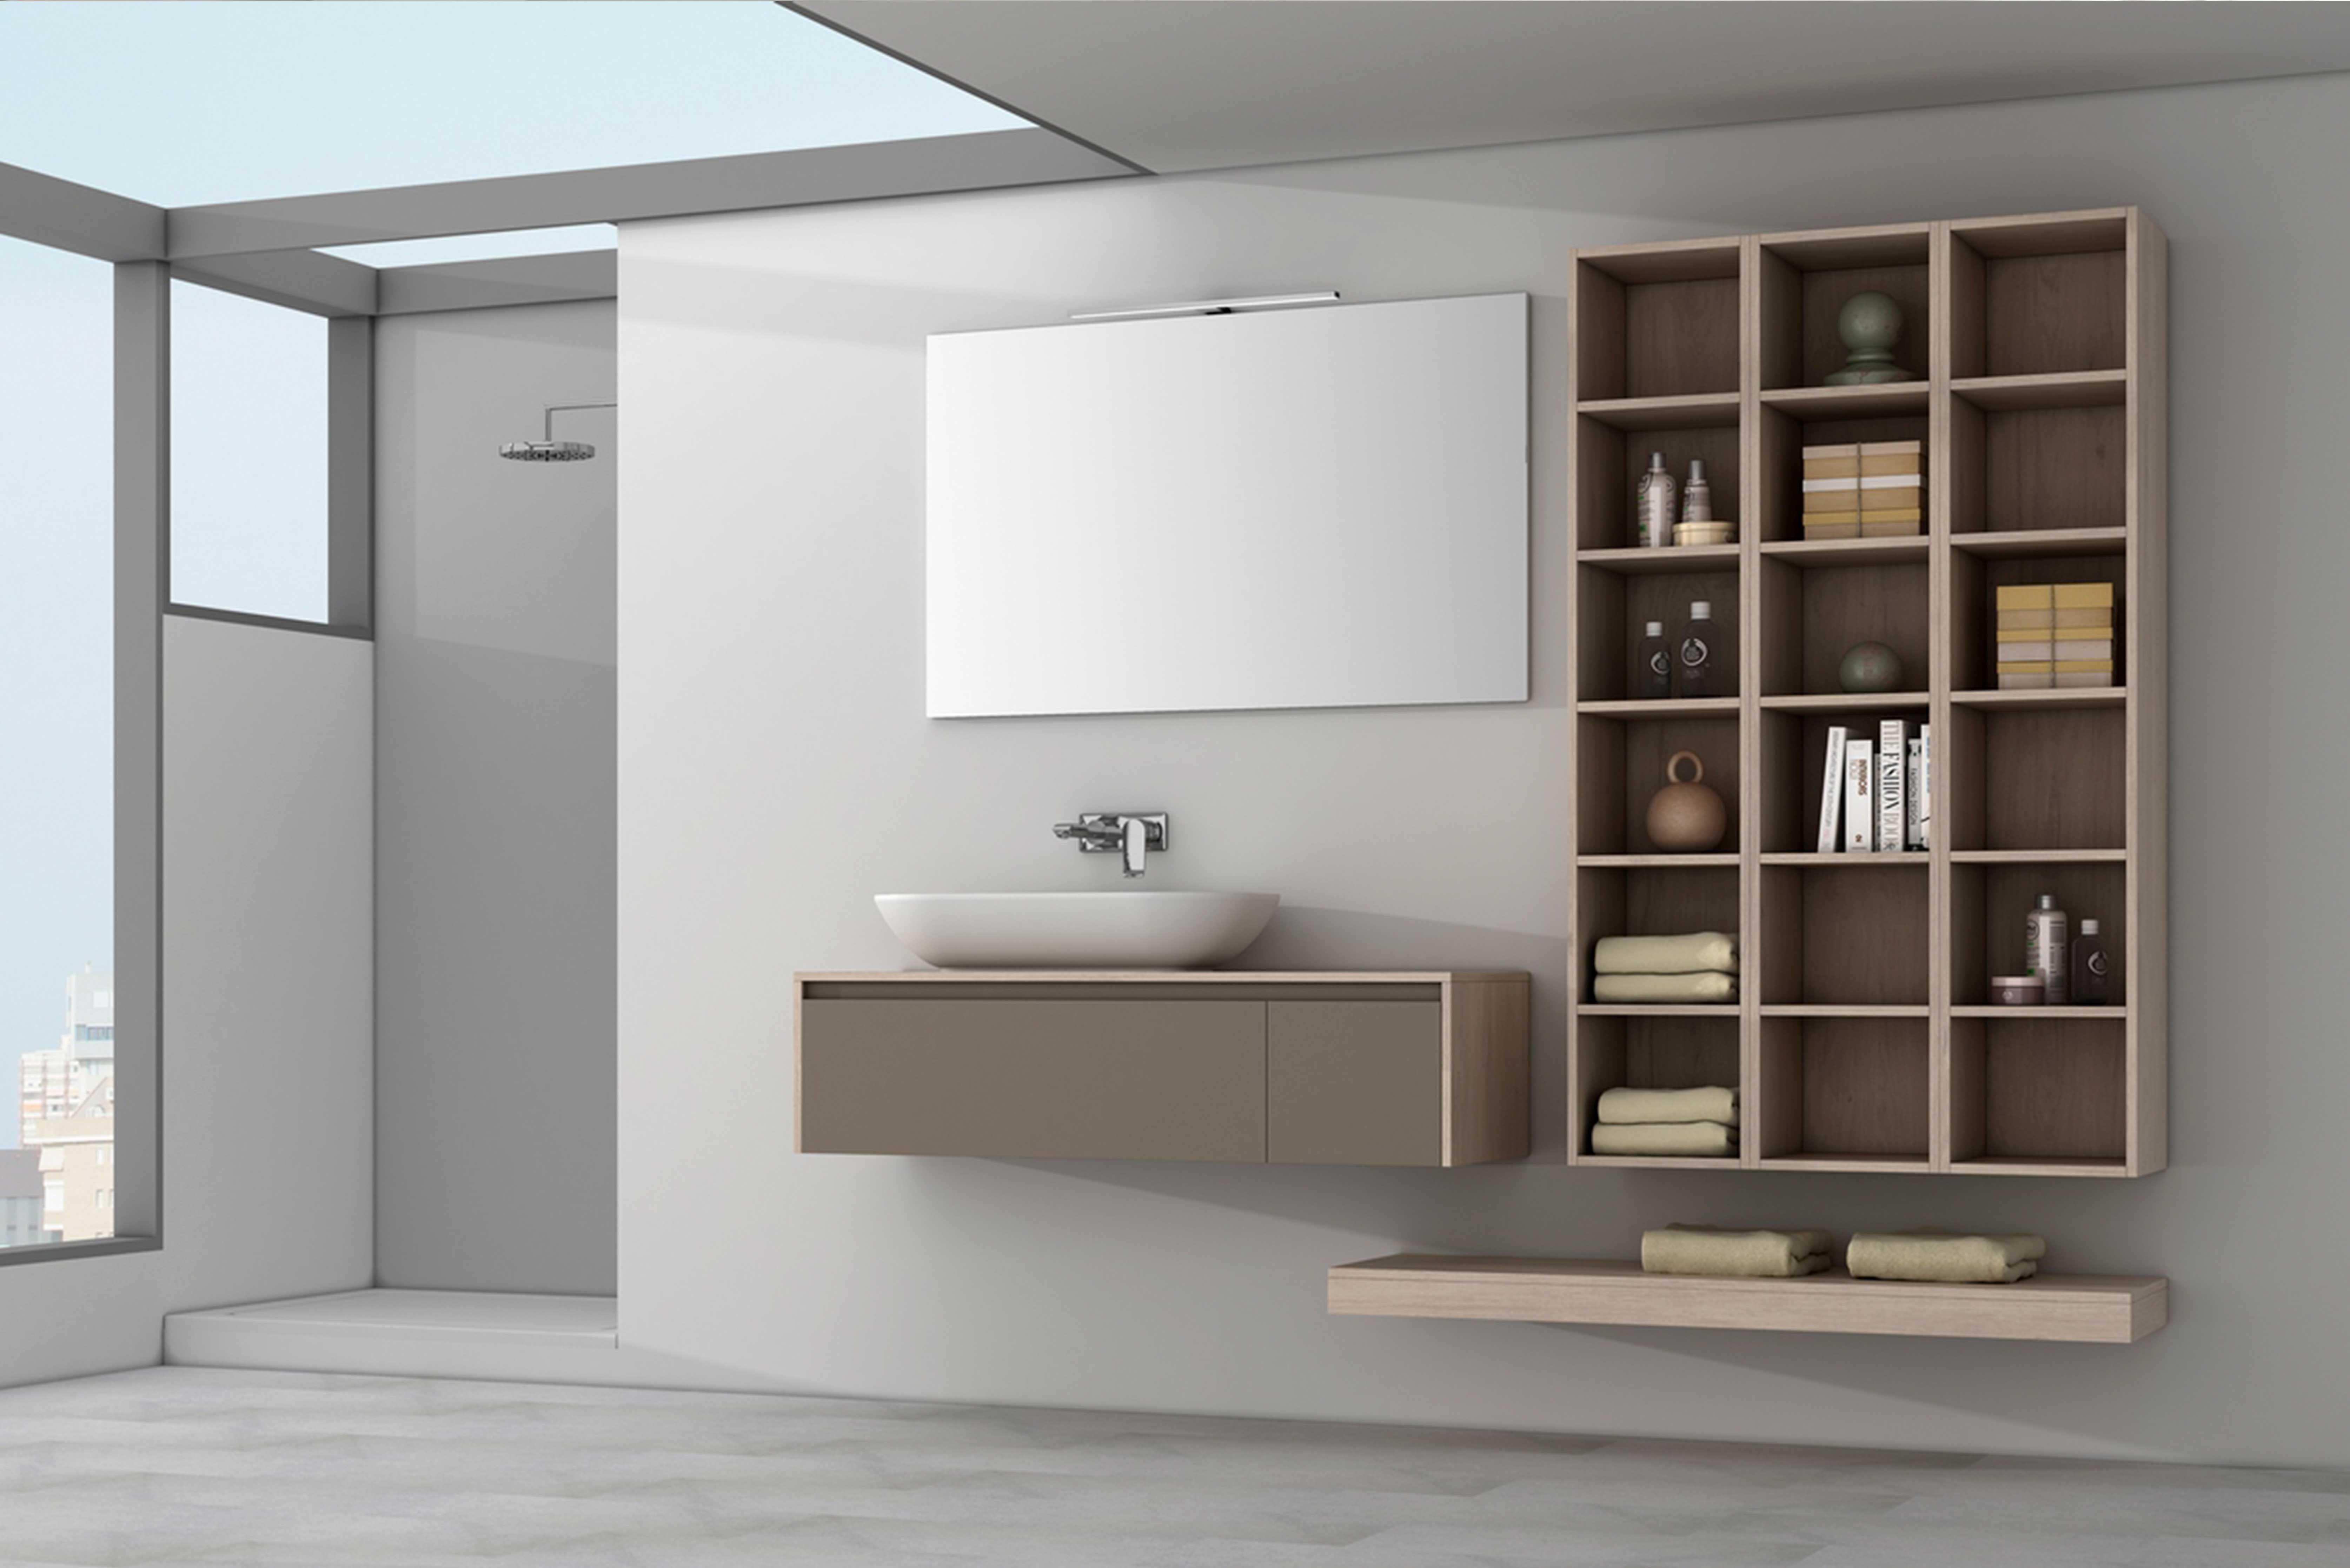 baños-goberna-2